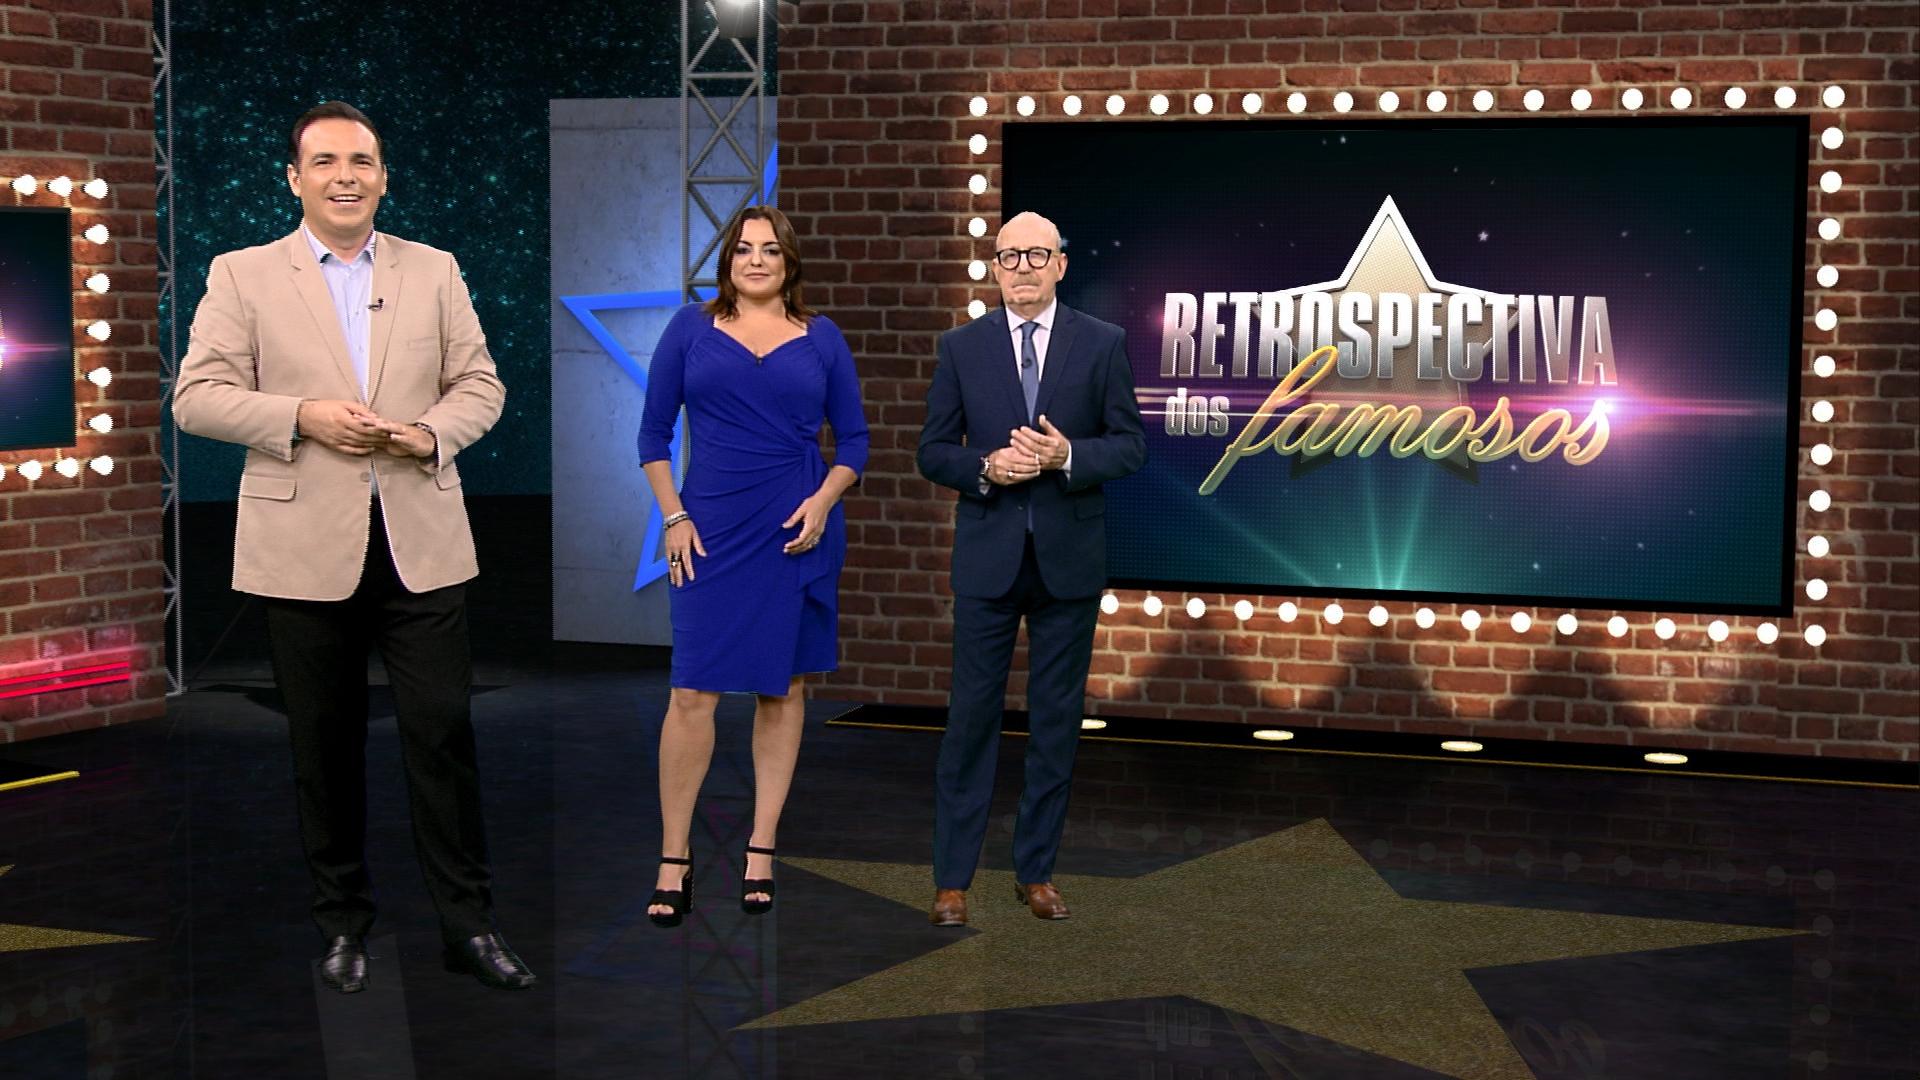 Trio vence a Globo todos os dias e apresenta a Retrospectiva dos Famosos (Foto: Reprodução)